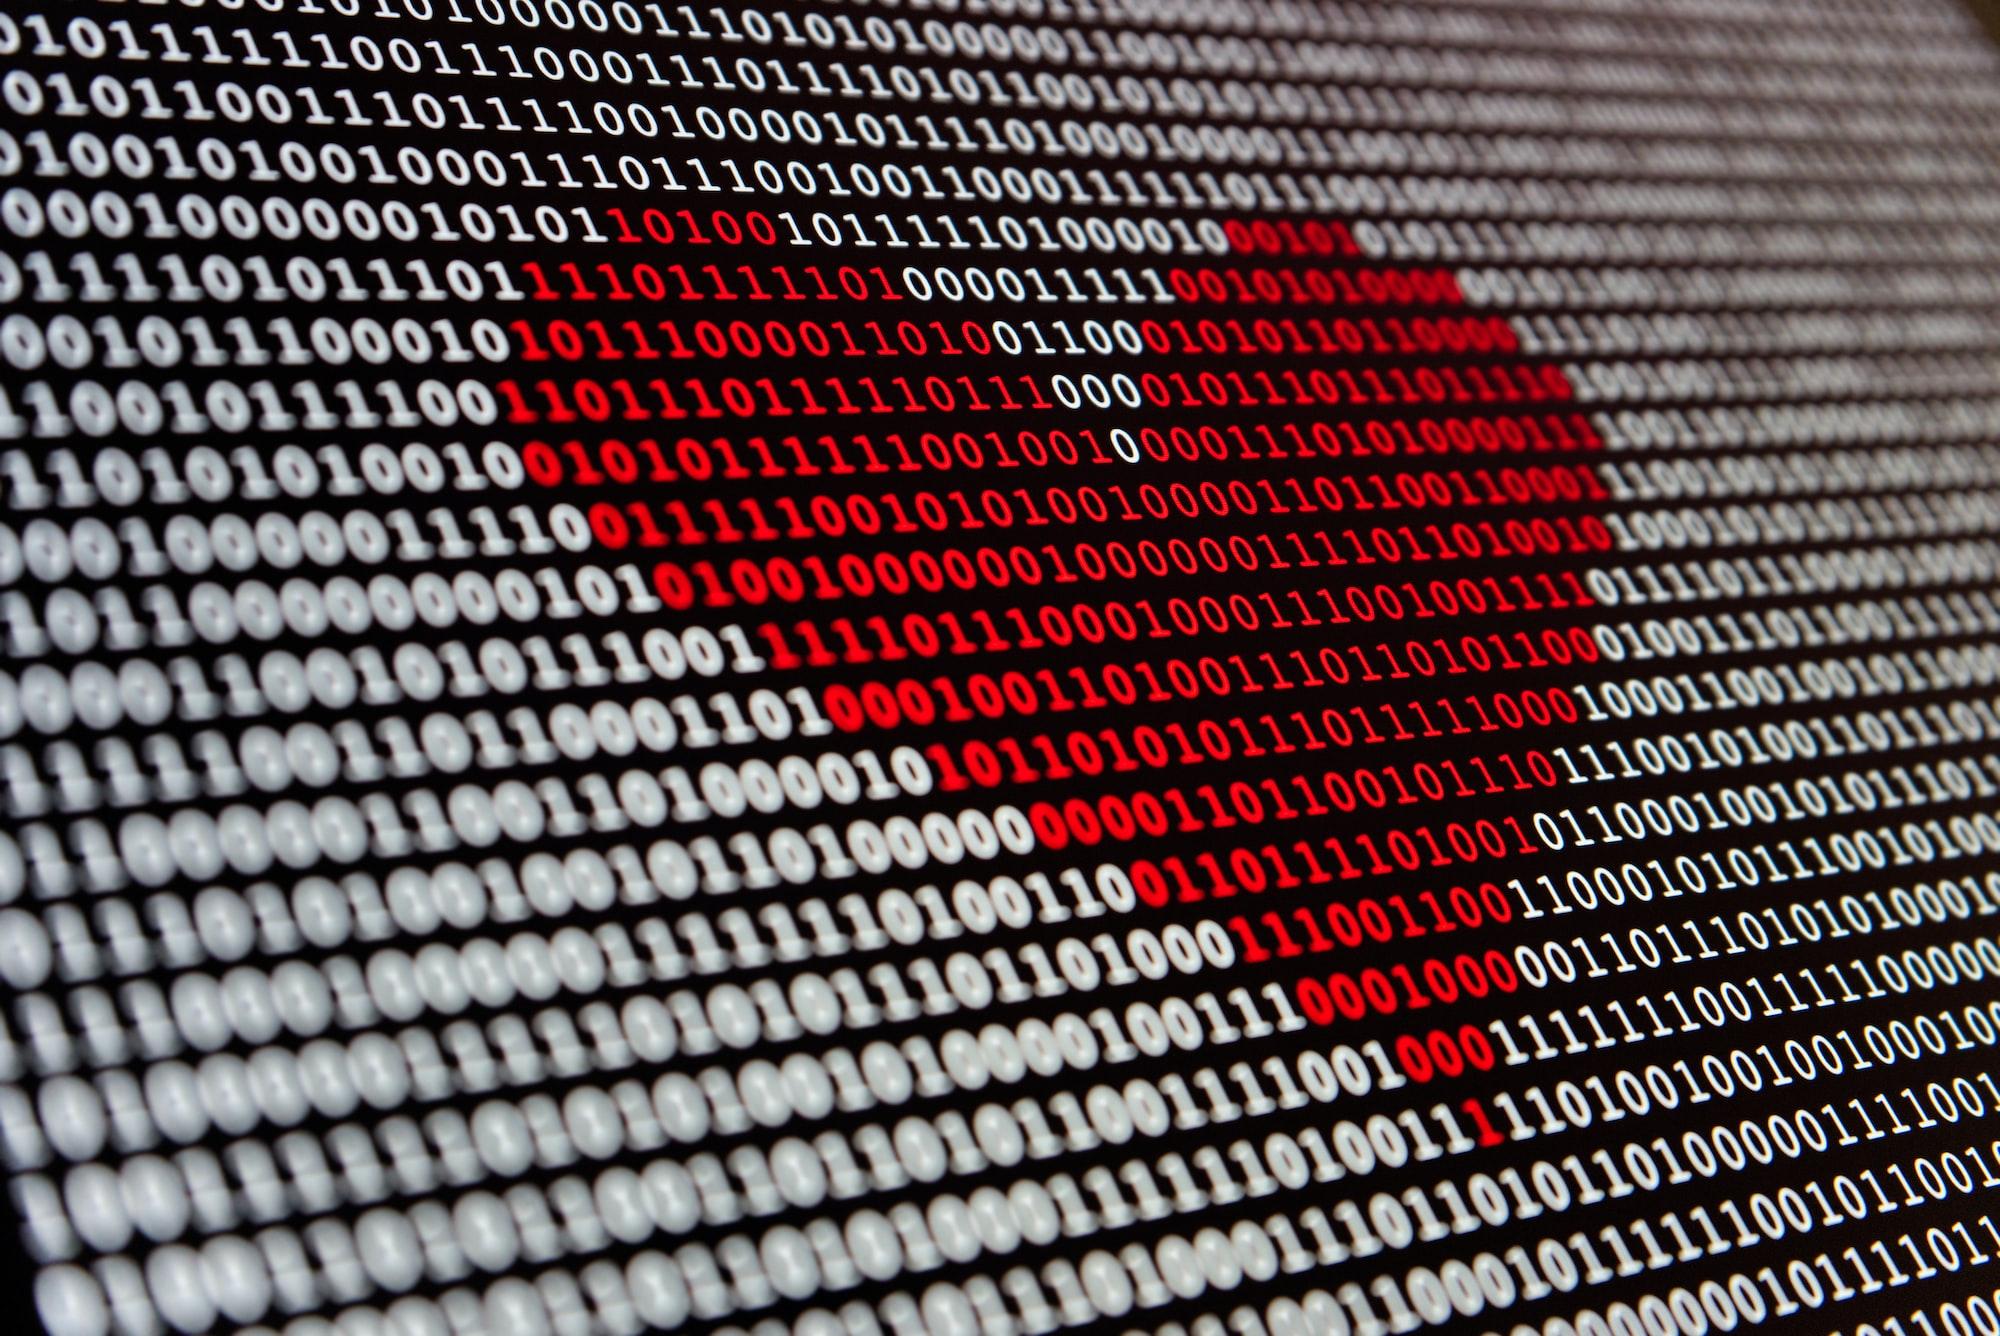 Злоумышленники используют сервисы знакомств для кражи криптовалюты и личных данных с iPhone жертв